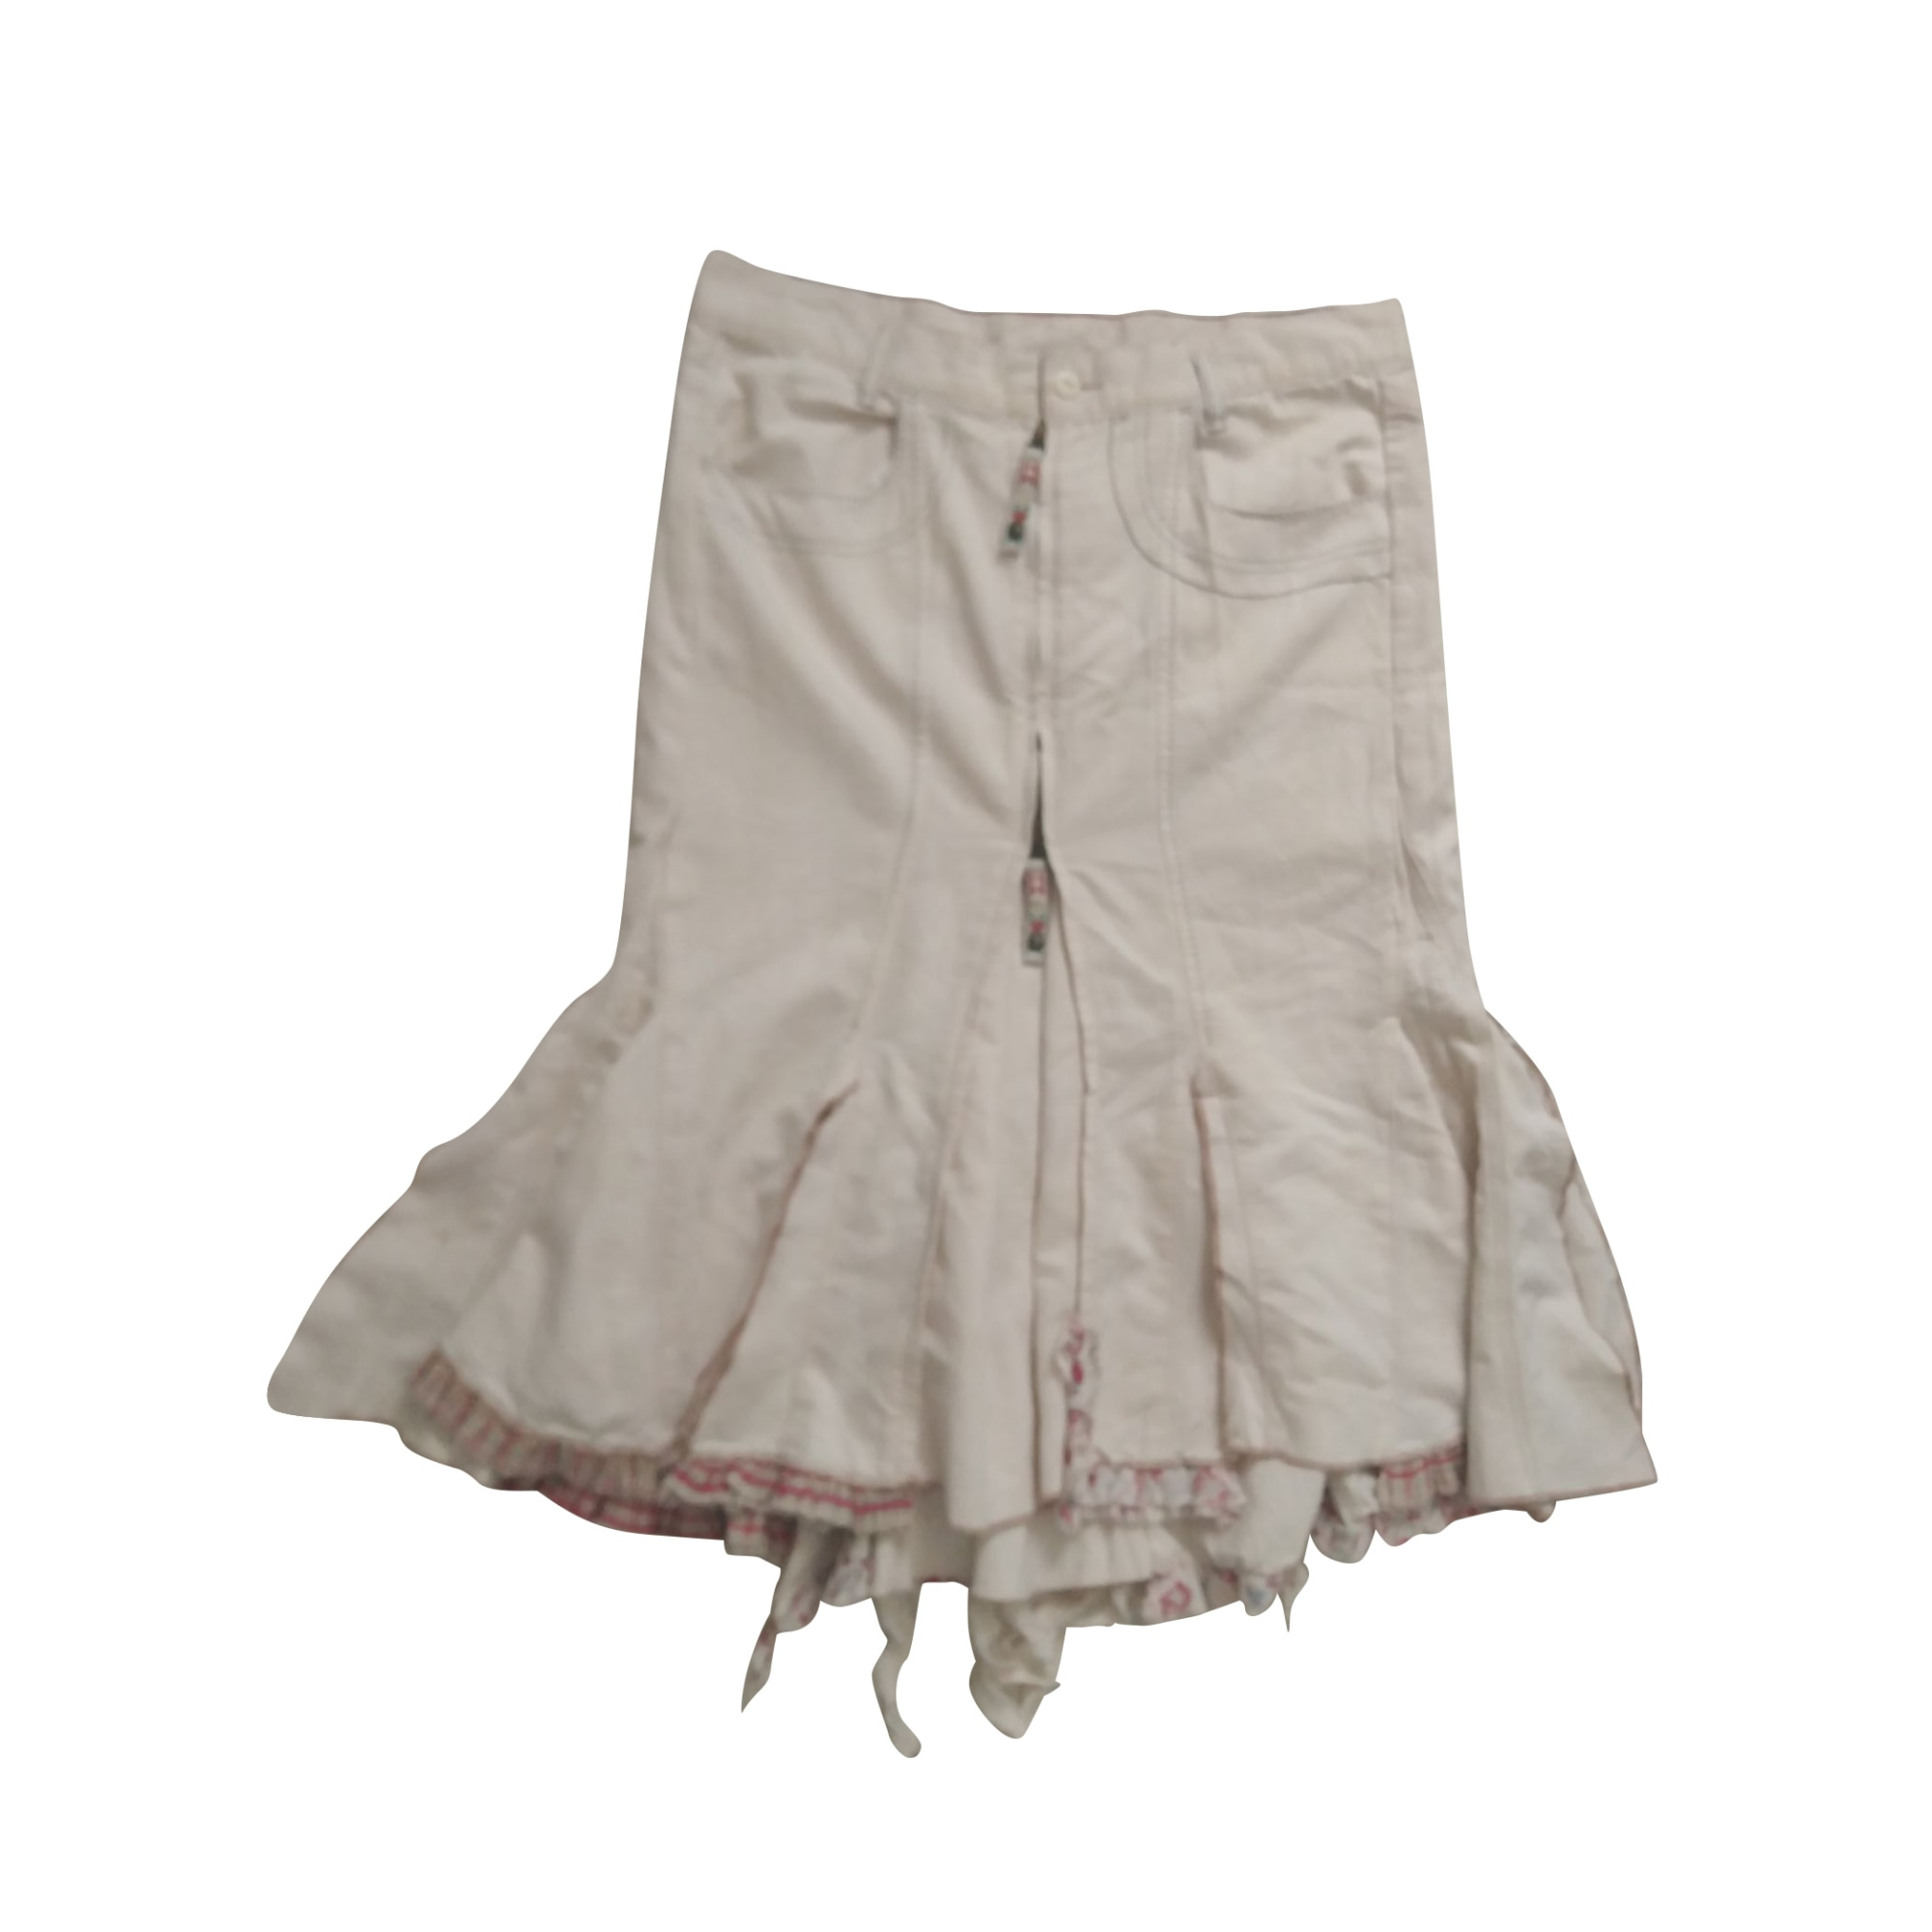 Midi Skirt MARITHÉ ET FRANÇOIS GIRBAUD White, off-white, ecru